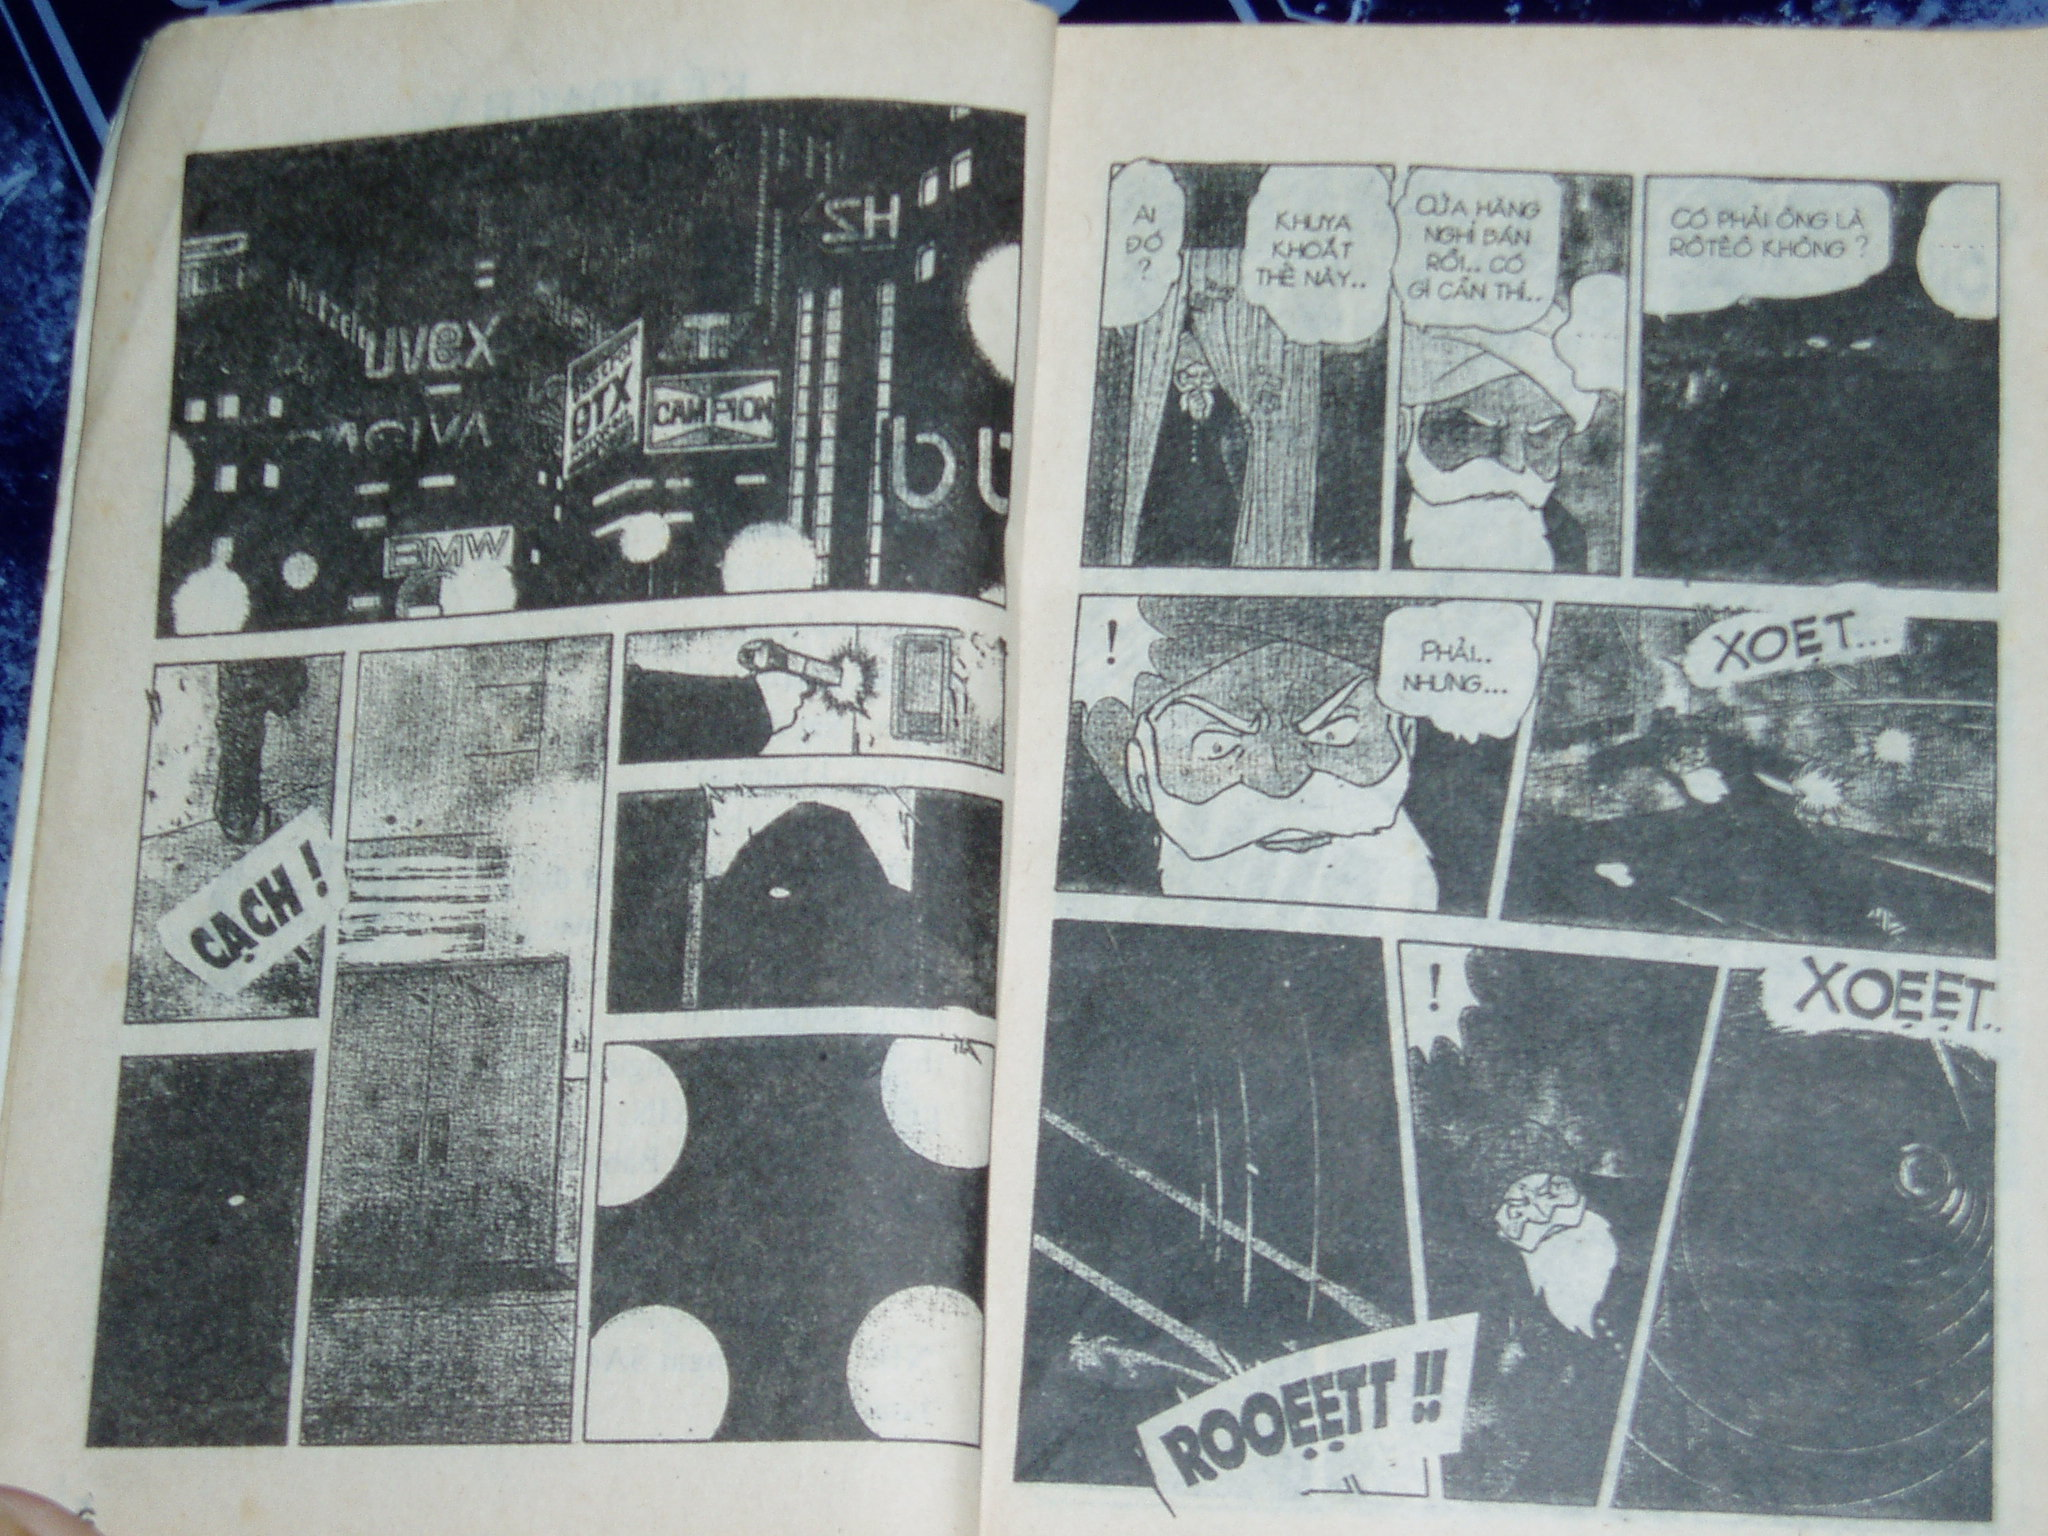 Siêu nhân Locke vol 16 trang 2